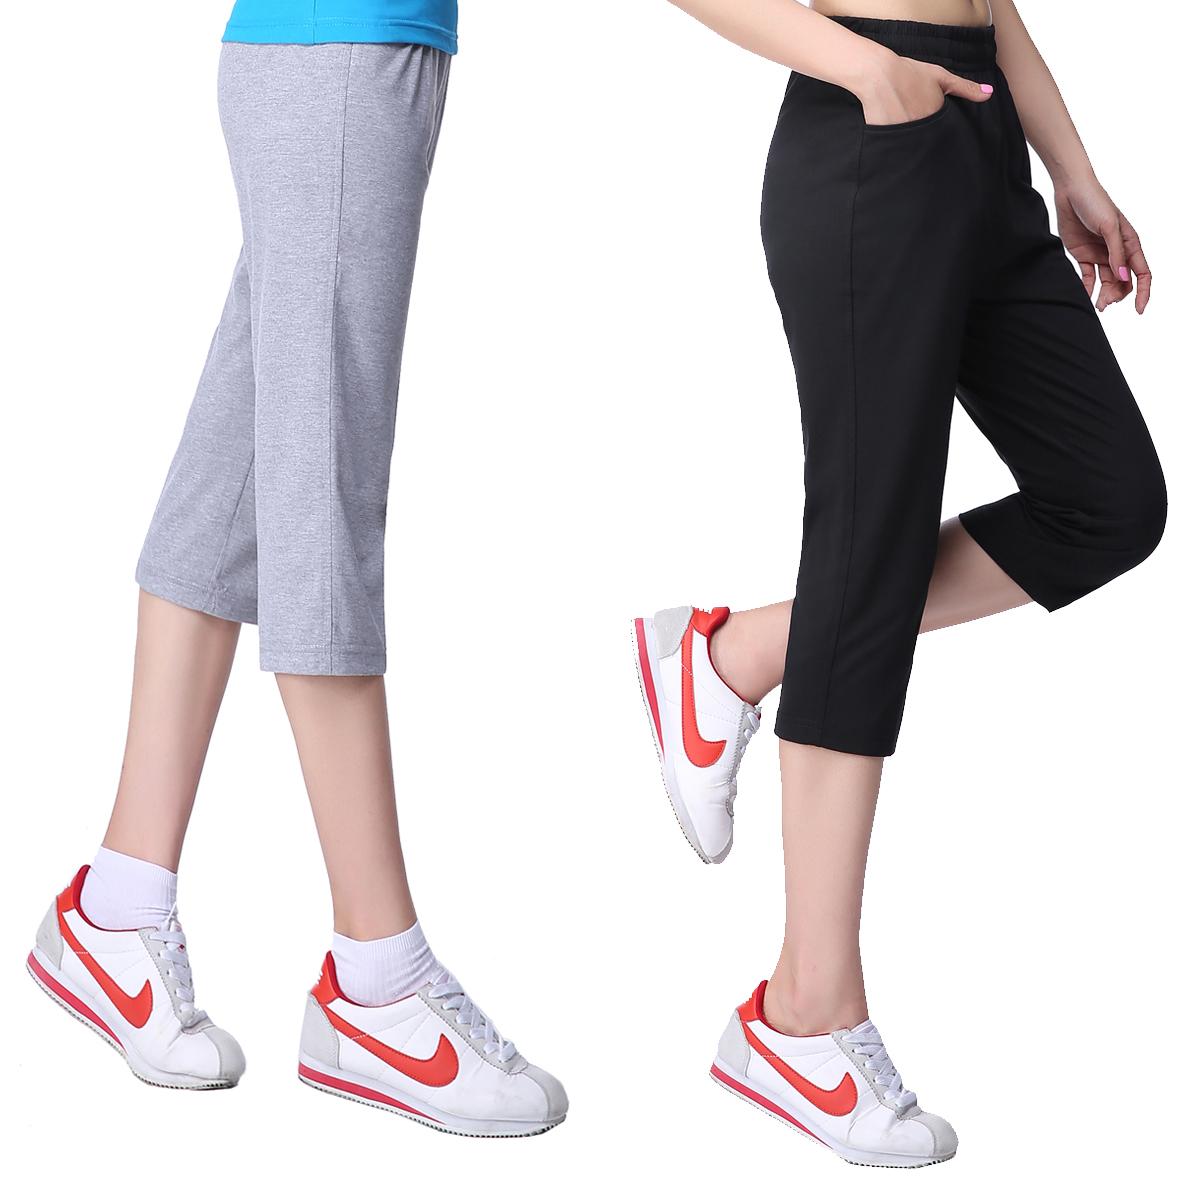 中老年运动七分裤妈妈夏季薄款宽松大码跑步纯棉高腰女士休闲中裤